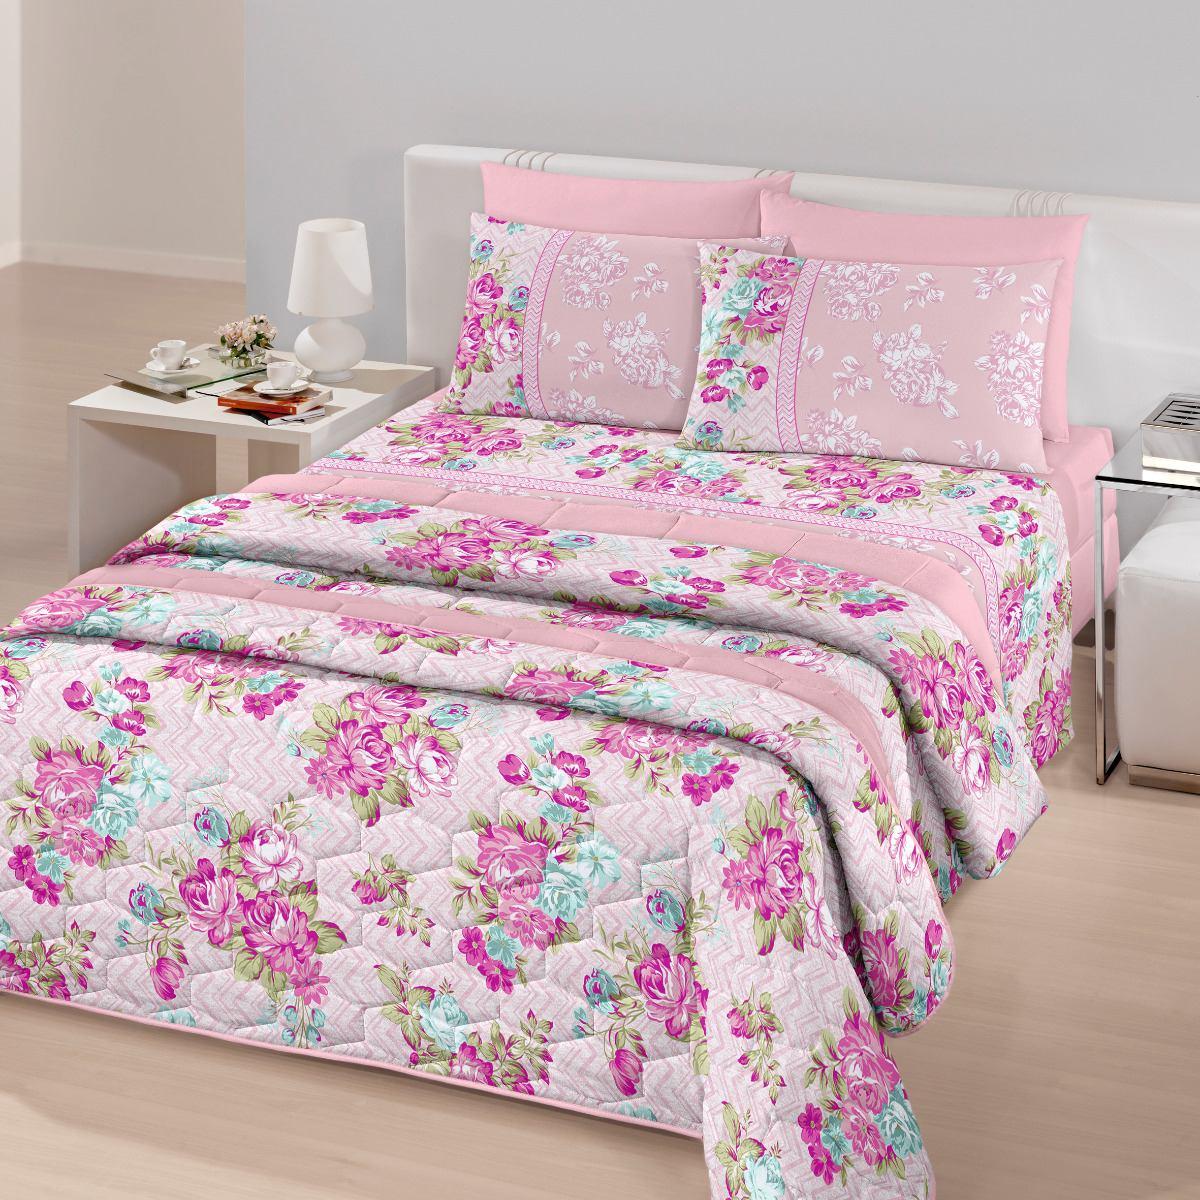 affa877bb8 jogo de lençol cama casal santista royal 4pçs 100% algodão. Carregando zoom.